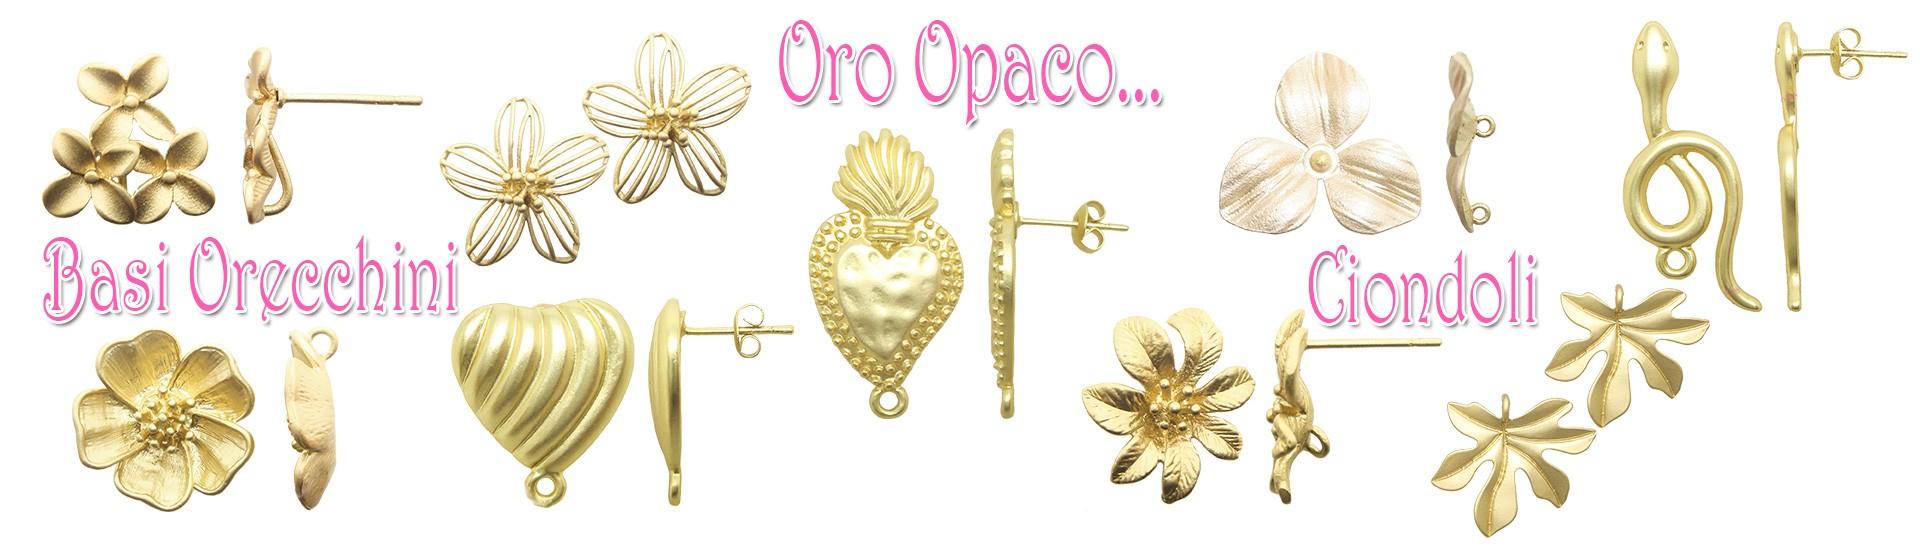 Componenti Oro Opaco